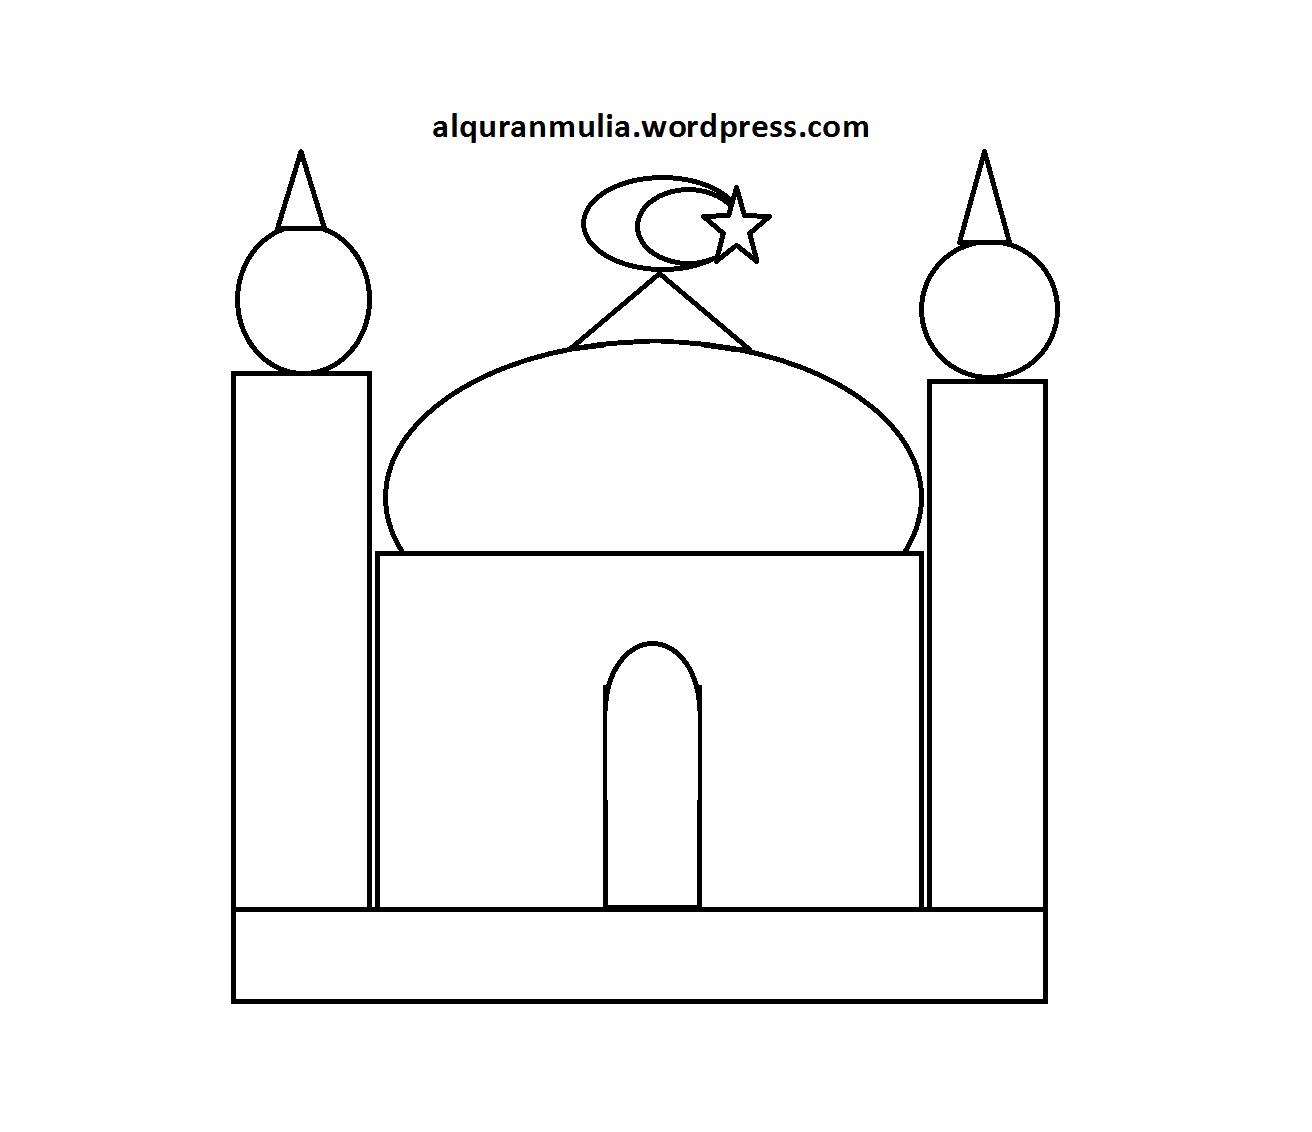 Mewarnai Gambar Masjid 12 Anak Muslim  alquranmulia